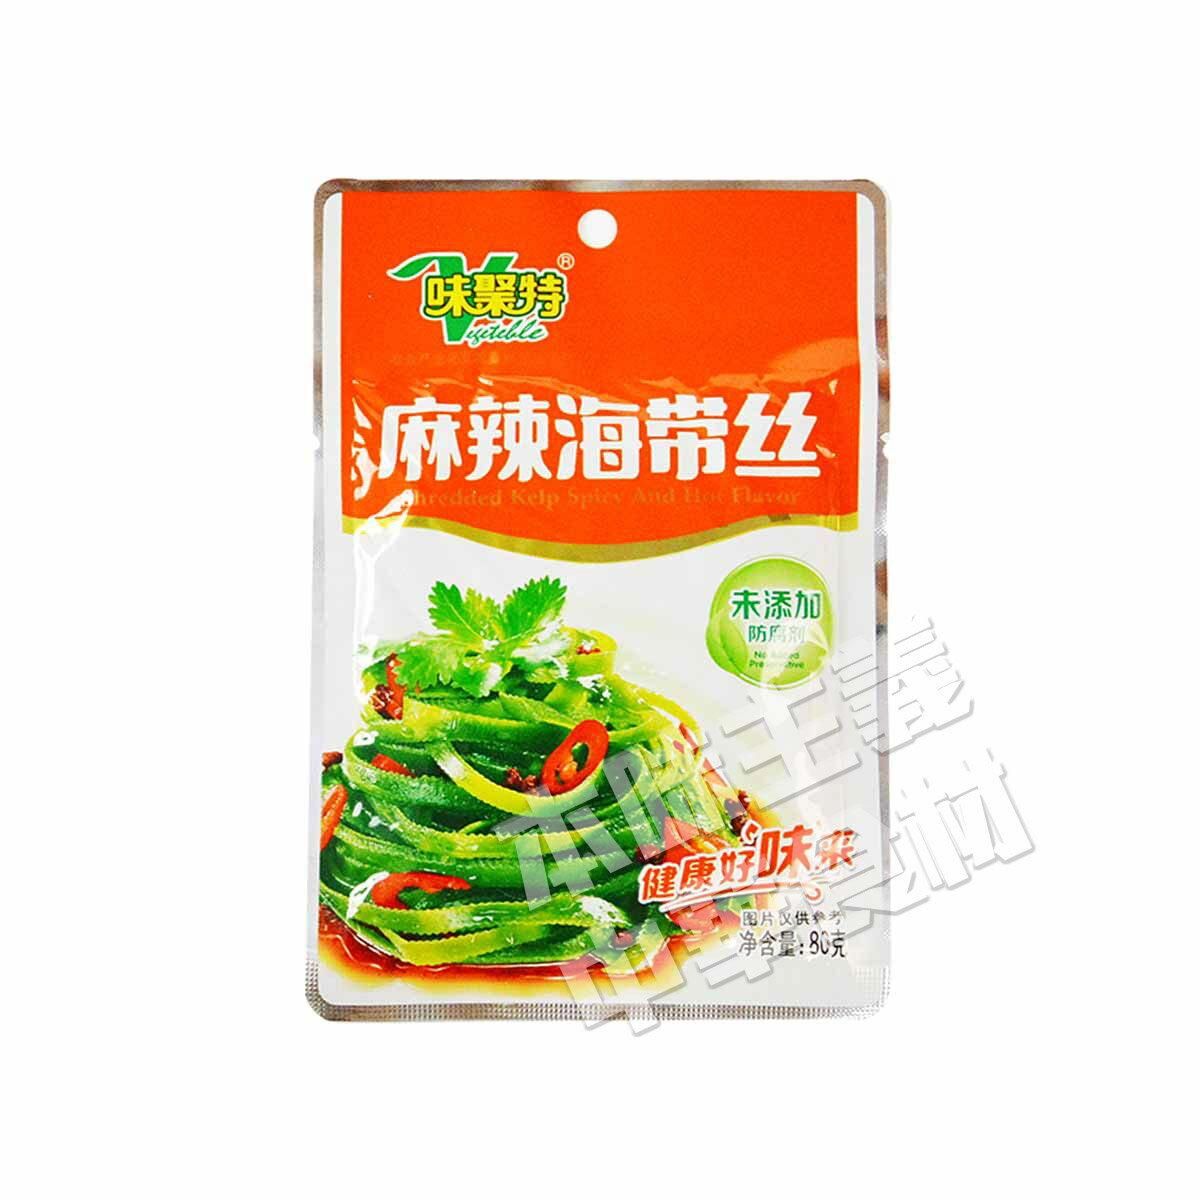 味聚特 四川麻辣海帯糸(辛口ワカメストリップ)80g 中華食材調味料・中国名物